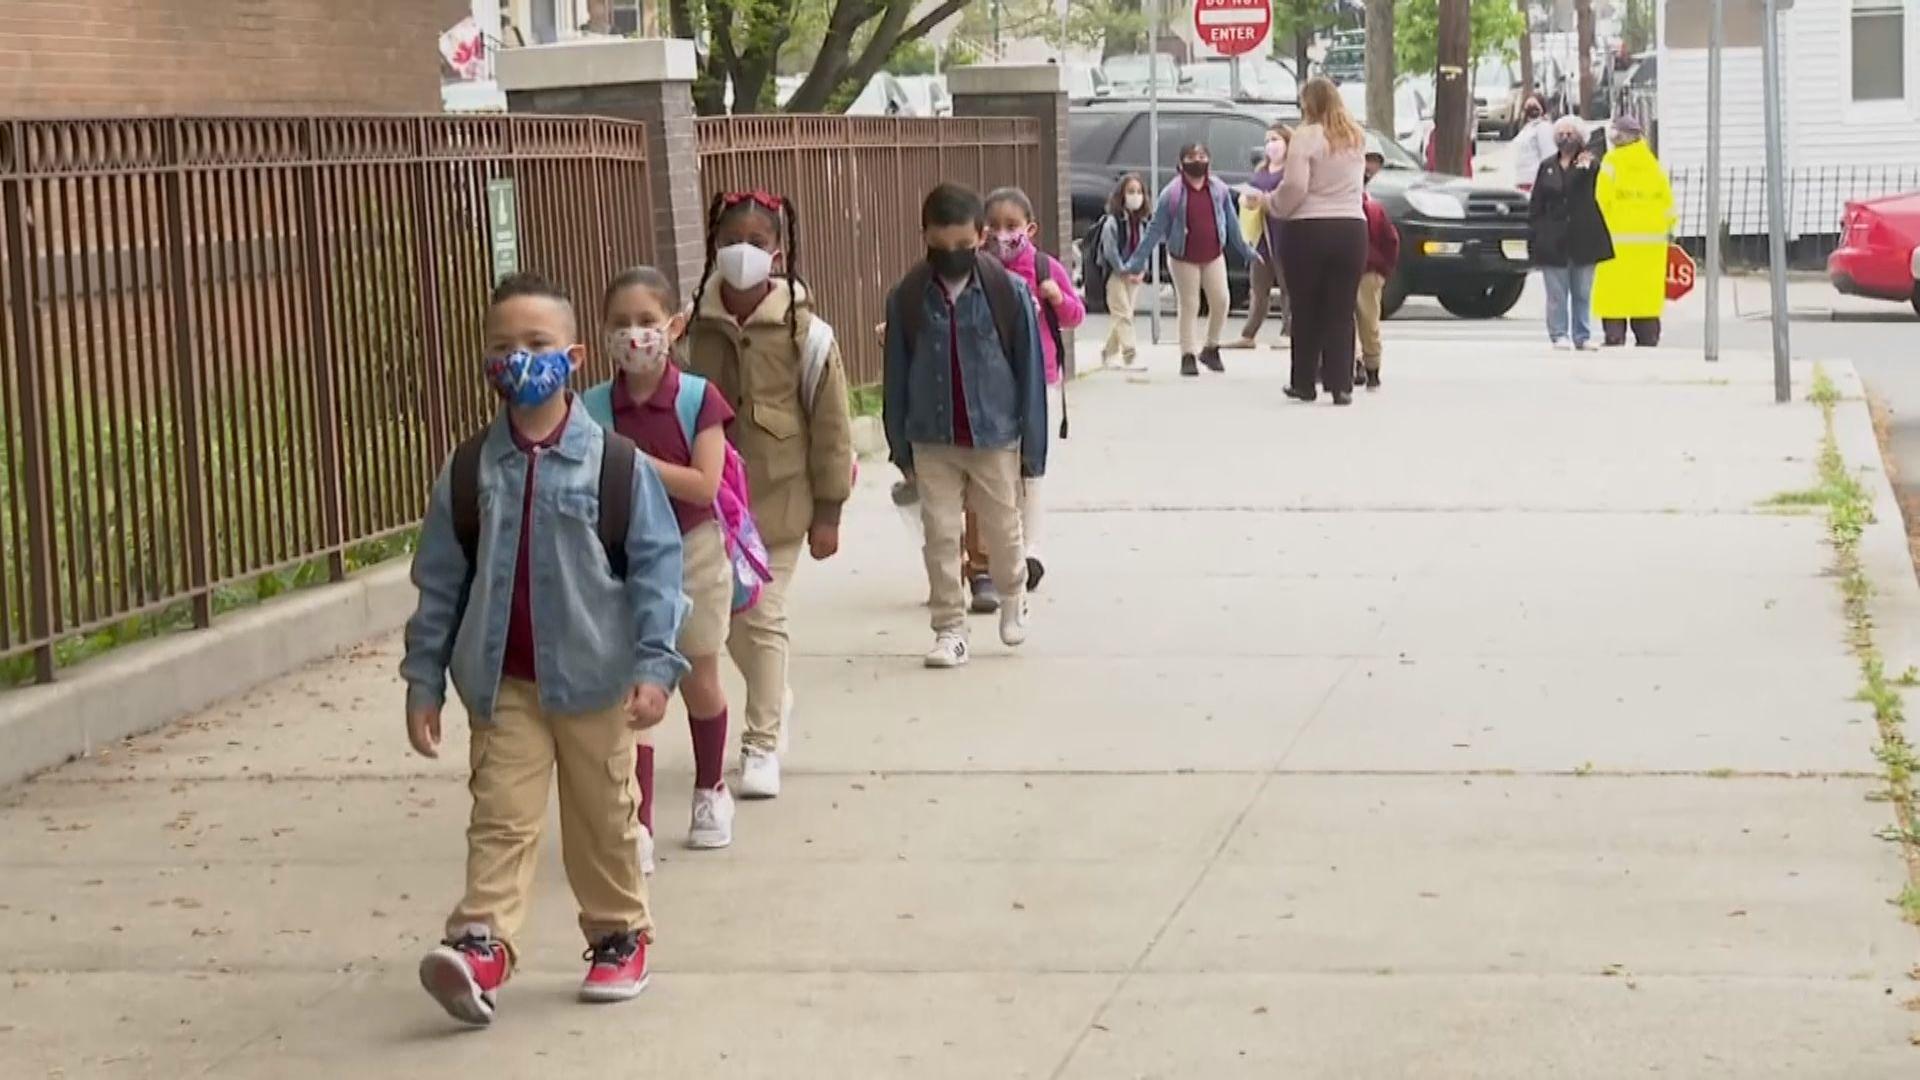 得州禁學校強制學生戴口罩引訴訟 拜登指要求學生戴口罩無關政治